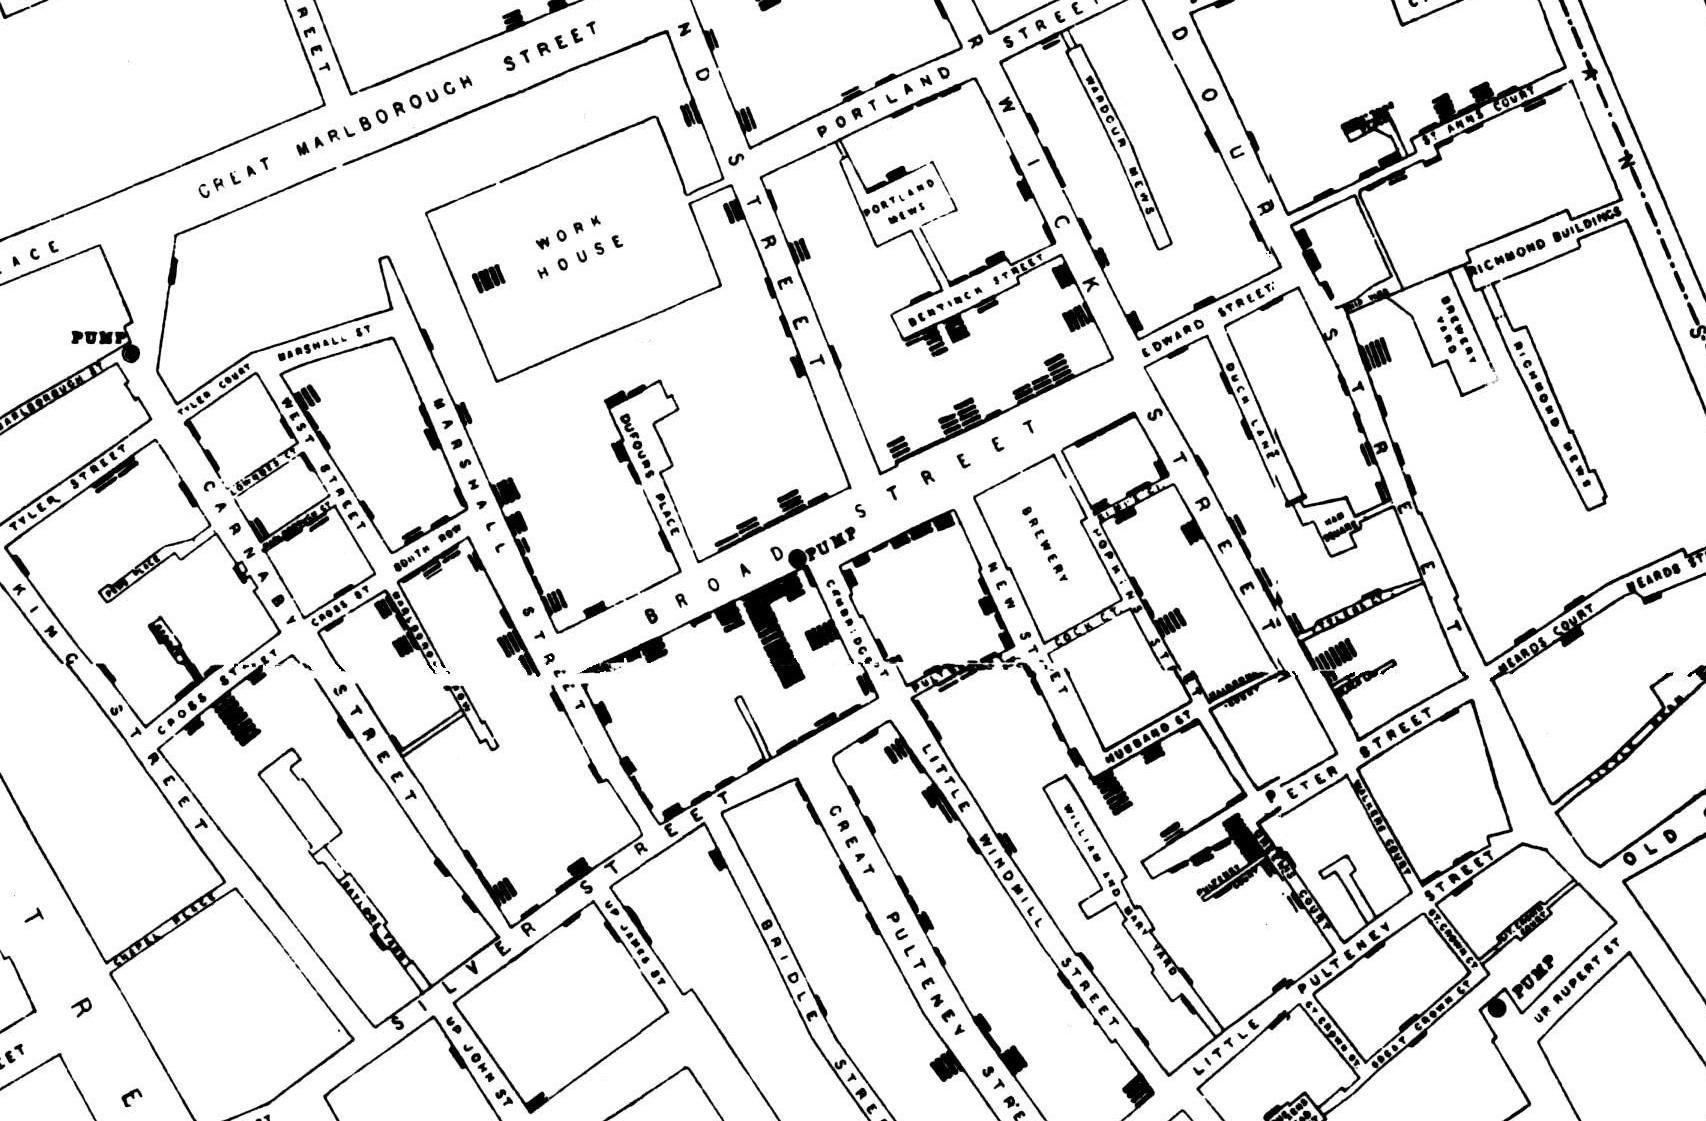 Rysunek 1. Fragment mapy pokazującej zgrupowanie przypadków cholery podczas epidemii w 1854 r. <br> Czarne kreski obrazują zachorowania na cholerę, <br> czerwonymi prostokątami zaznaczono umiejscowienie źródeł wody <br> Źródło: Opracowanie własne na podstawie <br> https://commons.wikimedia.org/wiki/File:Snow-cholera-map-1.jpg